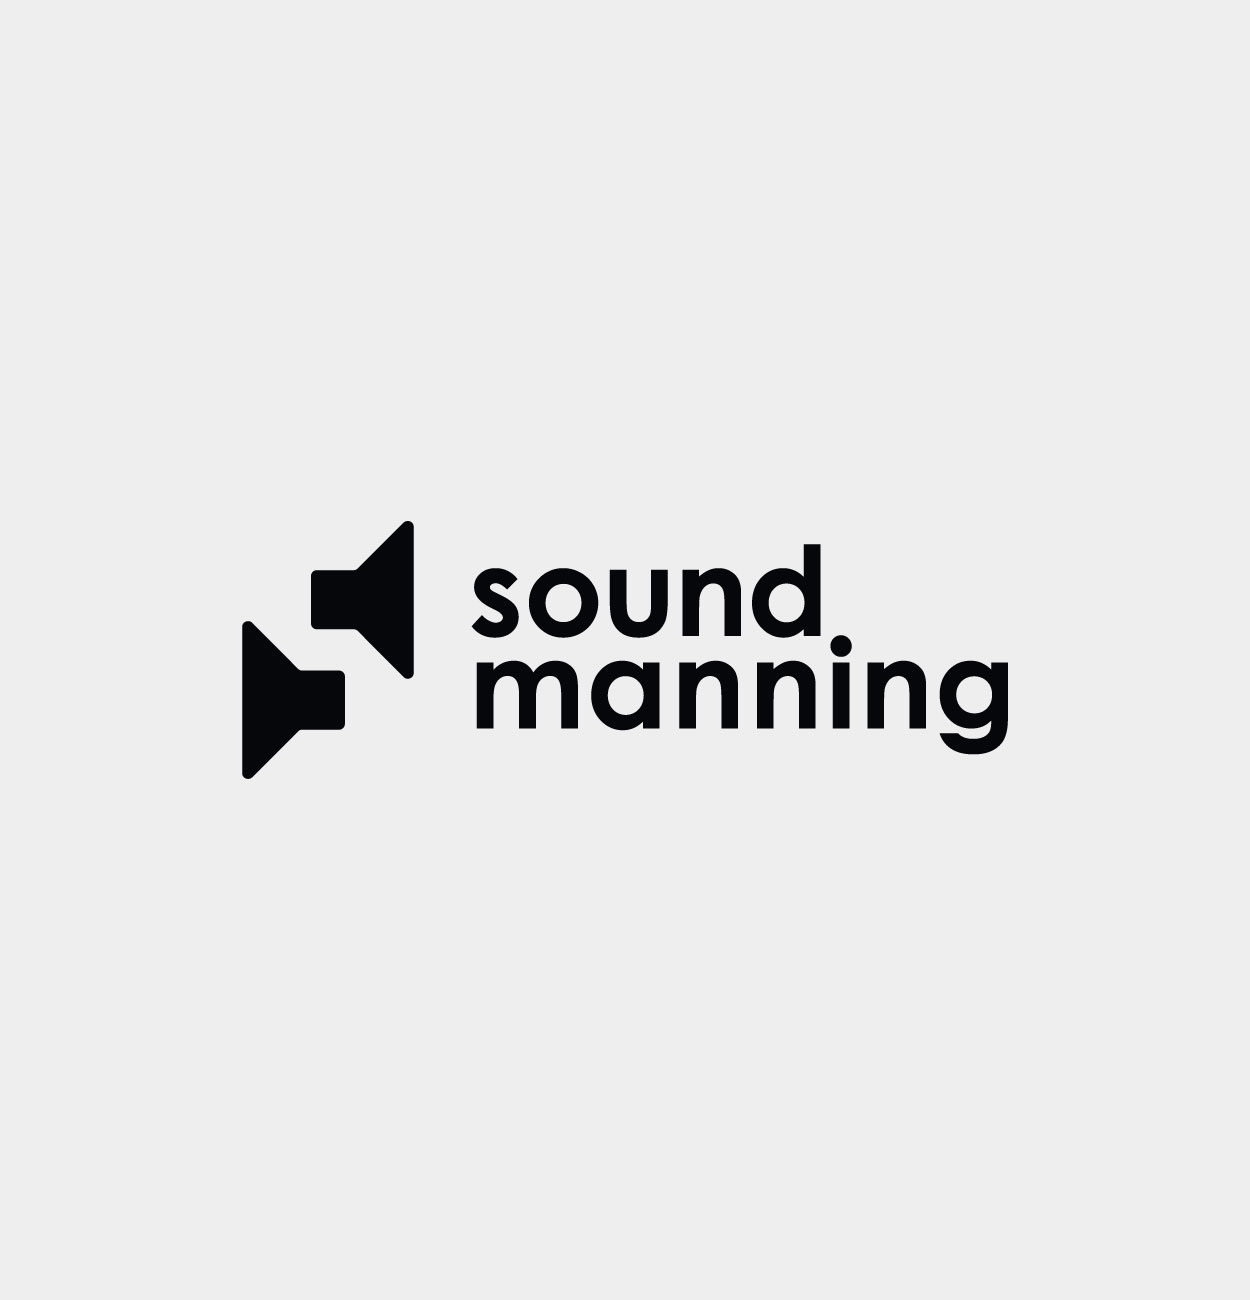 sound-manning-logo-01